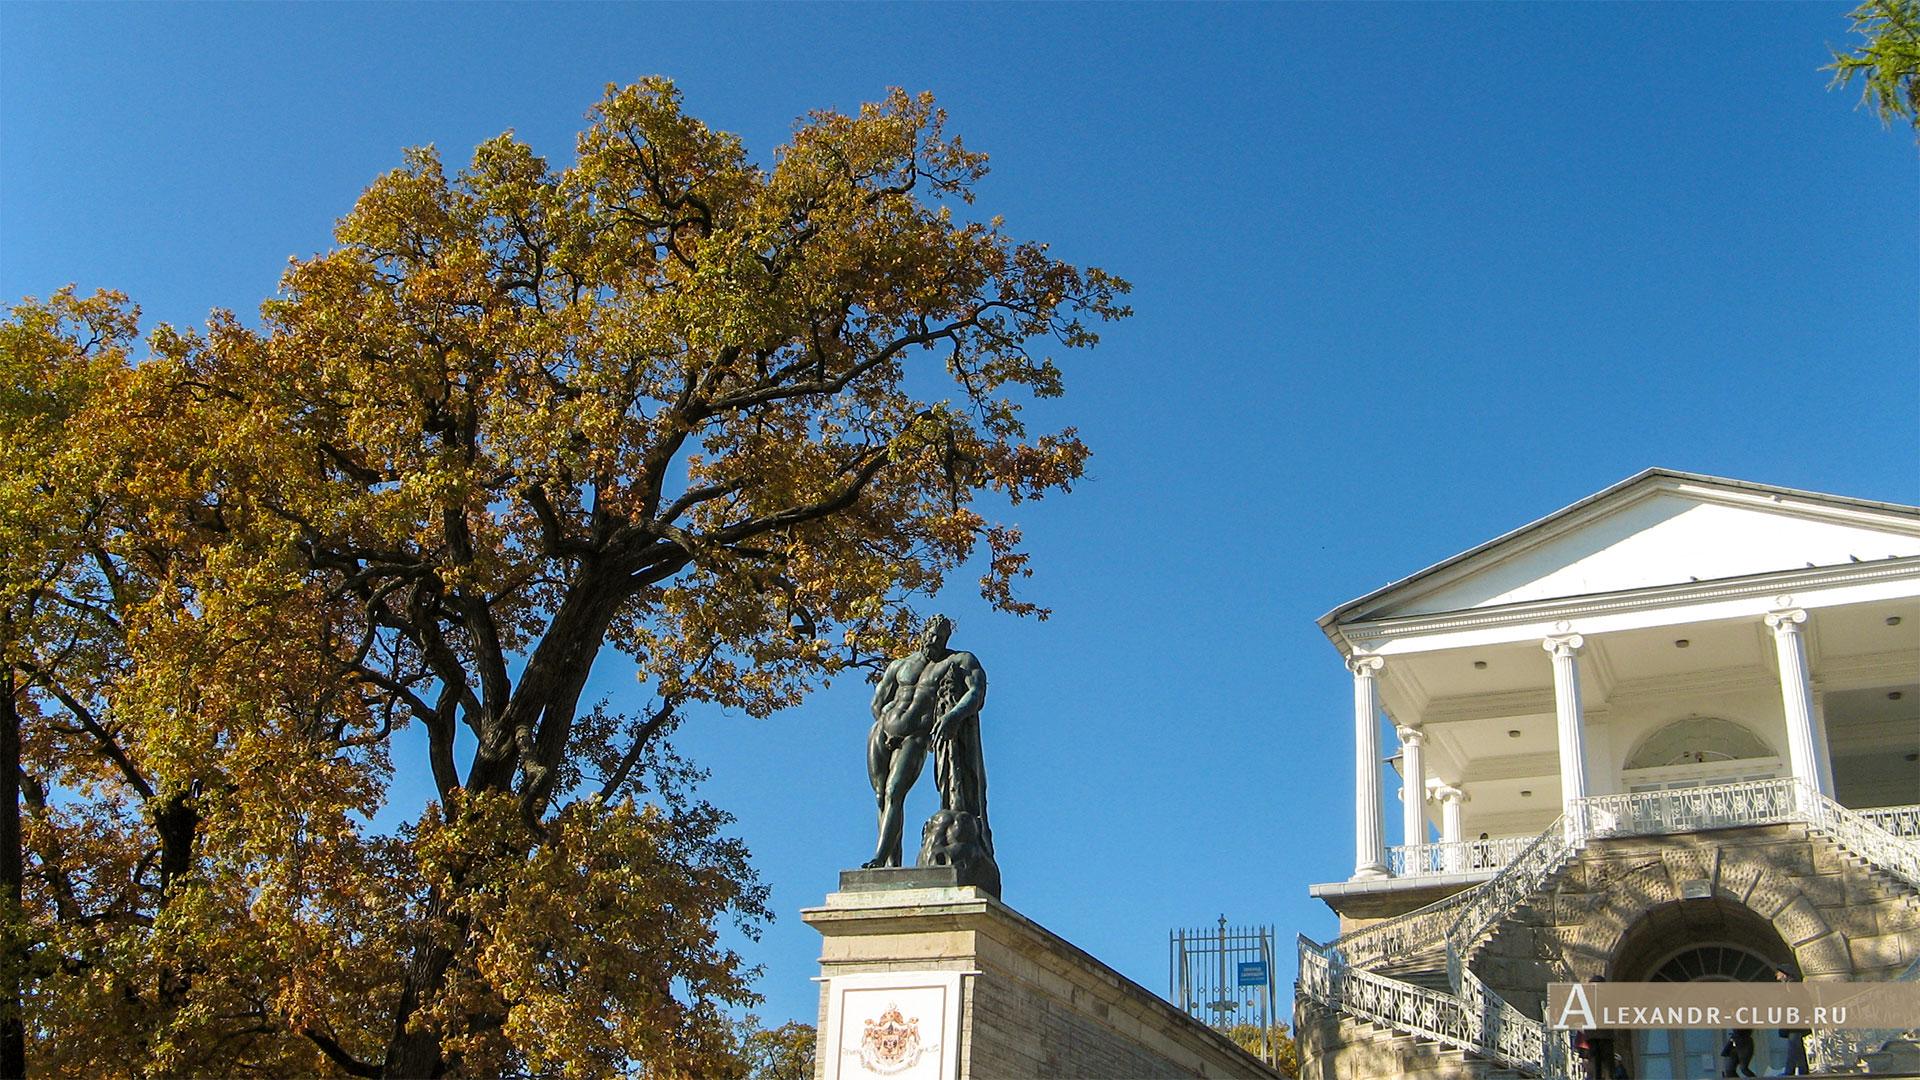 Царское Село, осень, Екатерининский парк, Камеронова галерея, статуя Геркулес Фарнезский